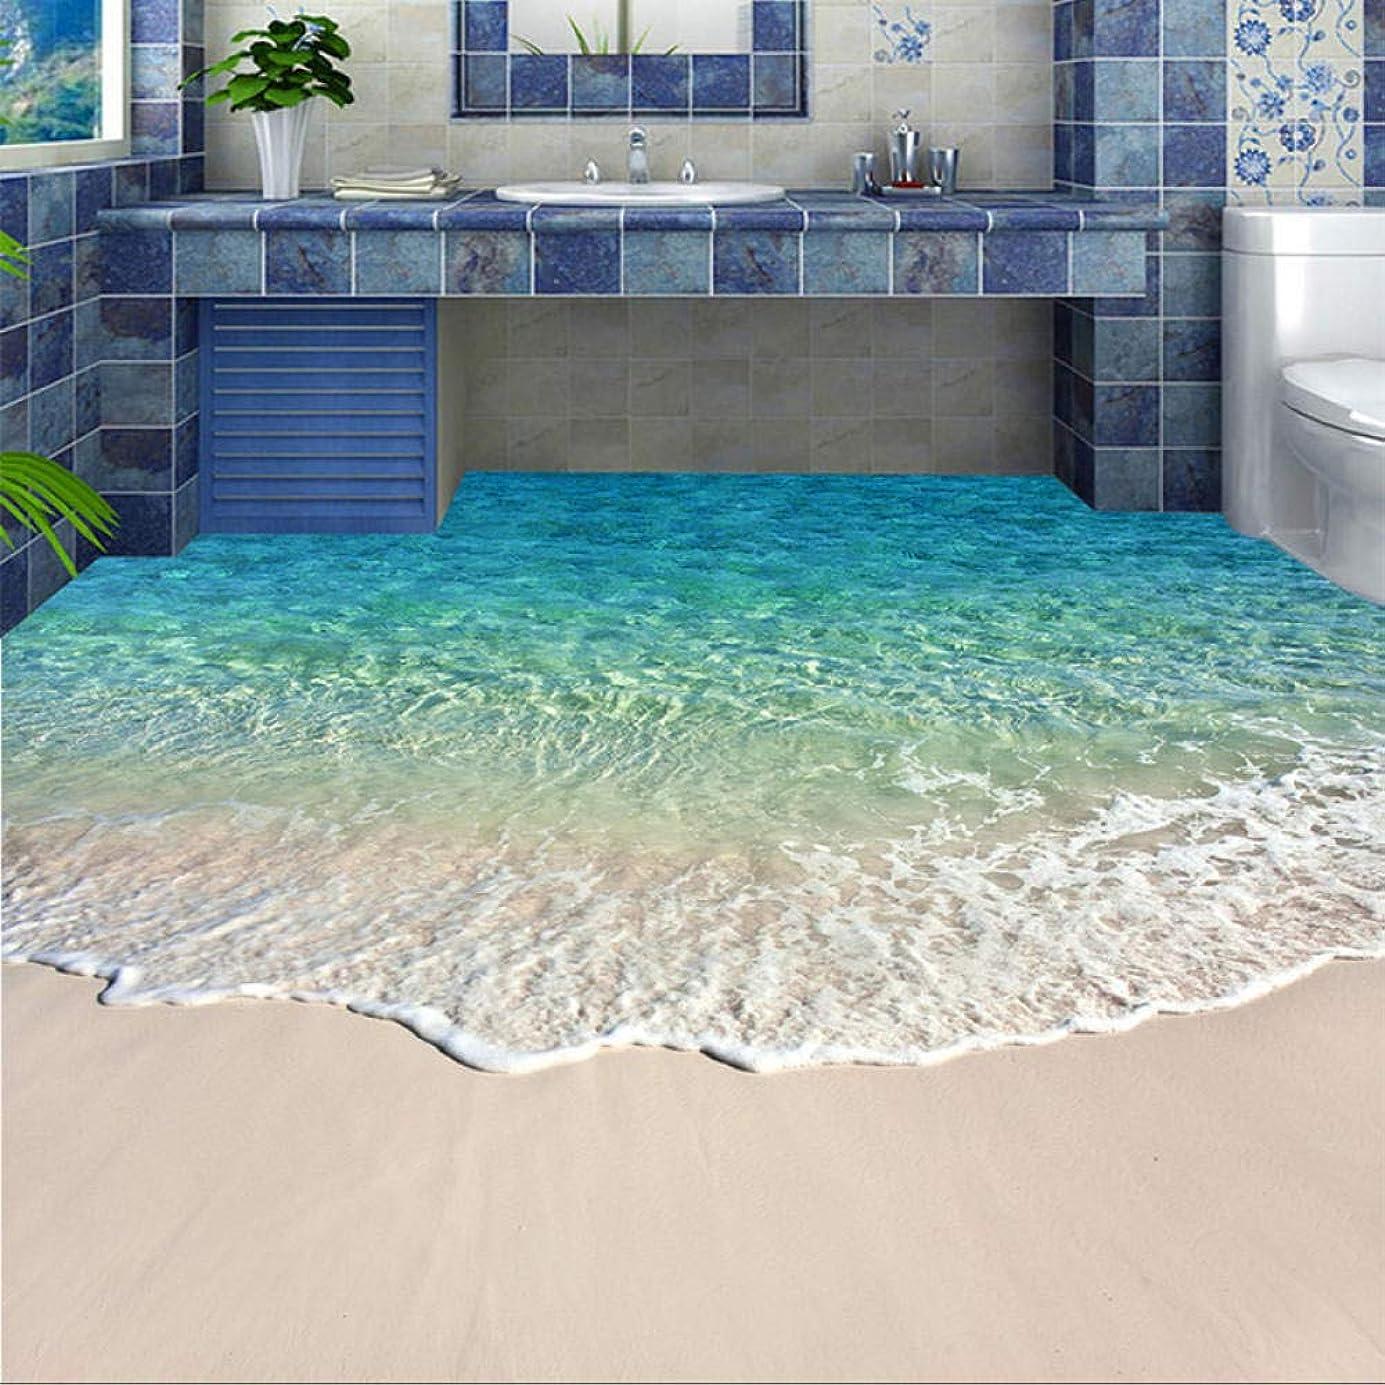 順番アシスト先生Ljjlm カスタム自己粘着床壁画写真壁紙3D海水波フロアーリングステッカー浴室着用滑り止め防水ウォールペーパー-120X100CM